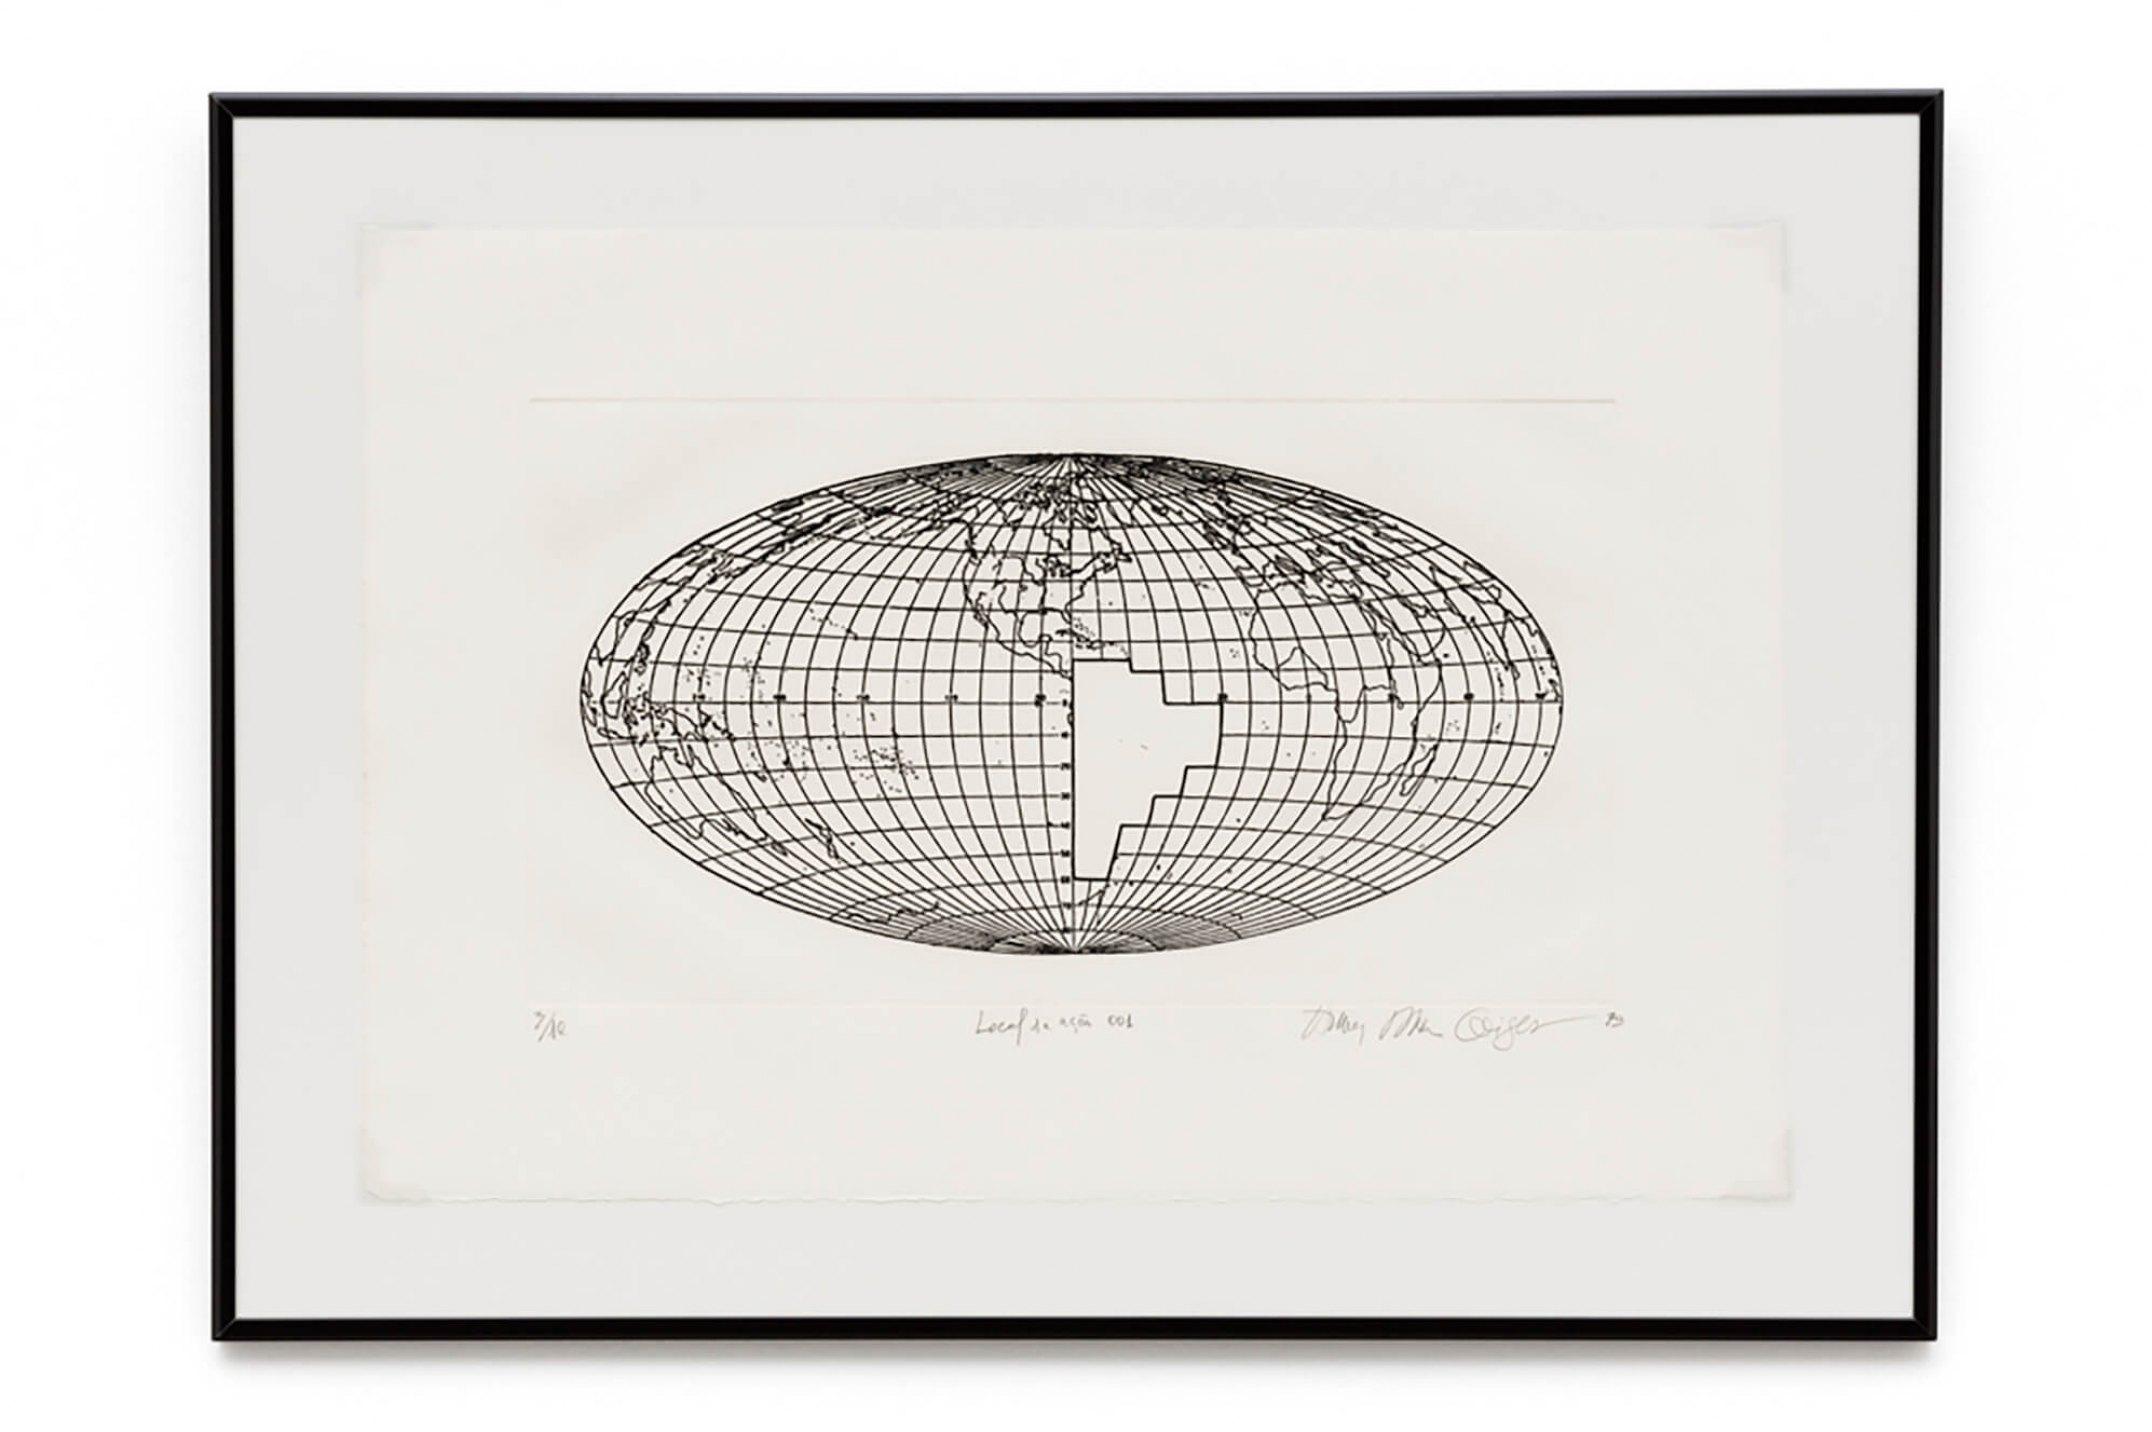 Anna Bella Geiger,<em>Local de Ação 001</em>, 1979, photogravure on metal, 47×68 cm - Mendes Wood DM